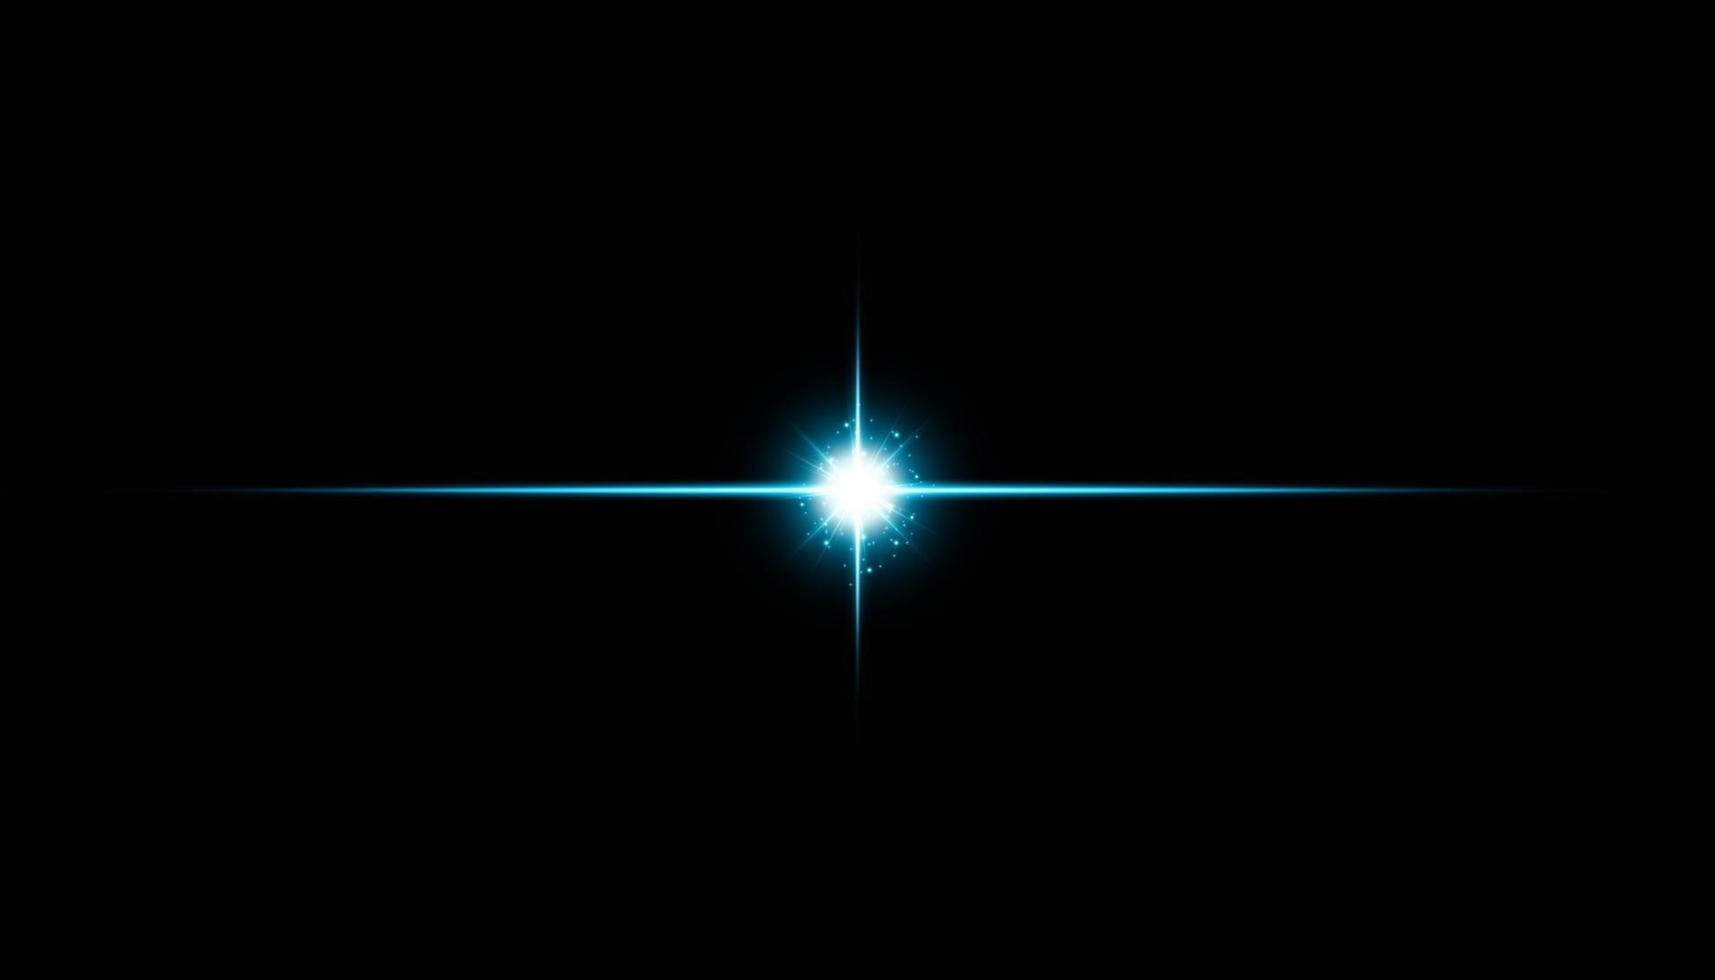 glödisolerad blå effekt, linsflare, explosion, glitter, linje, solblixt, gnista och stjärnor. vektor